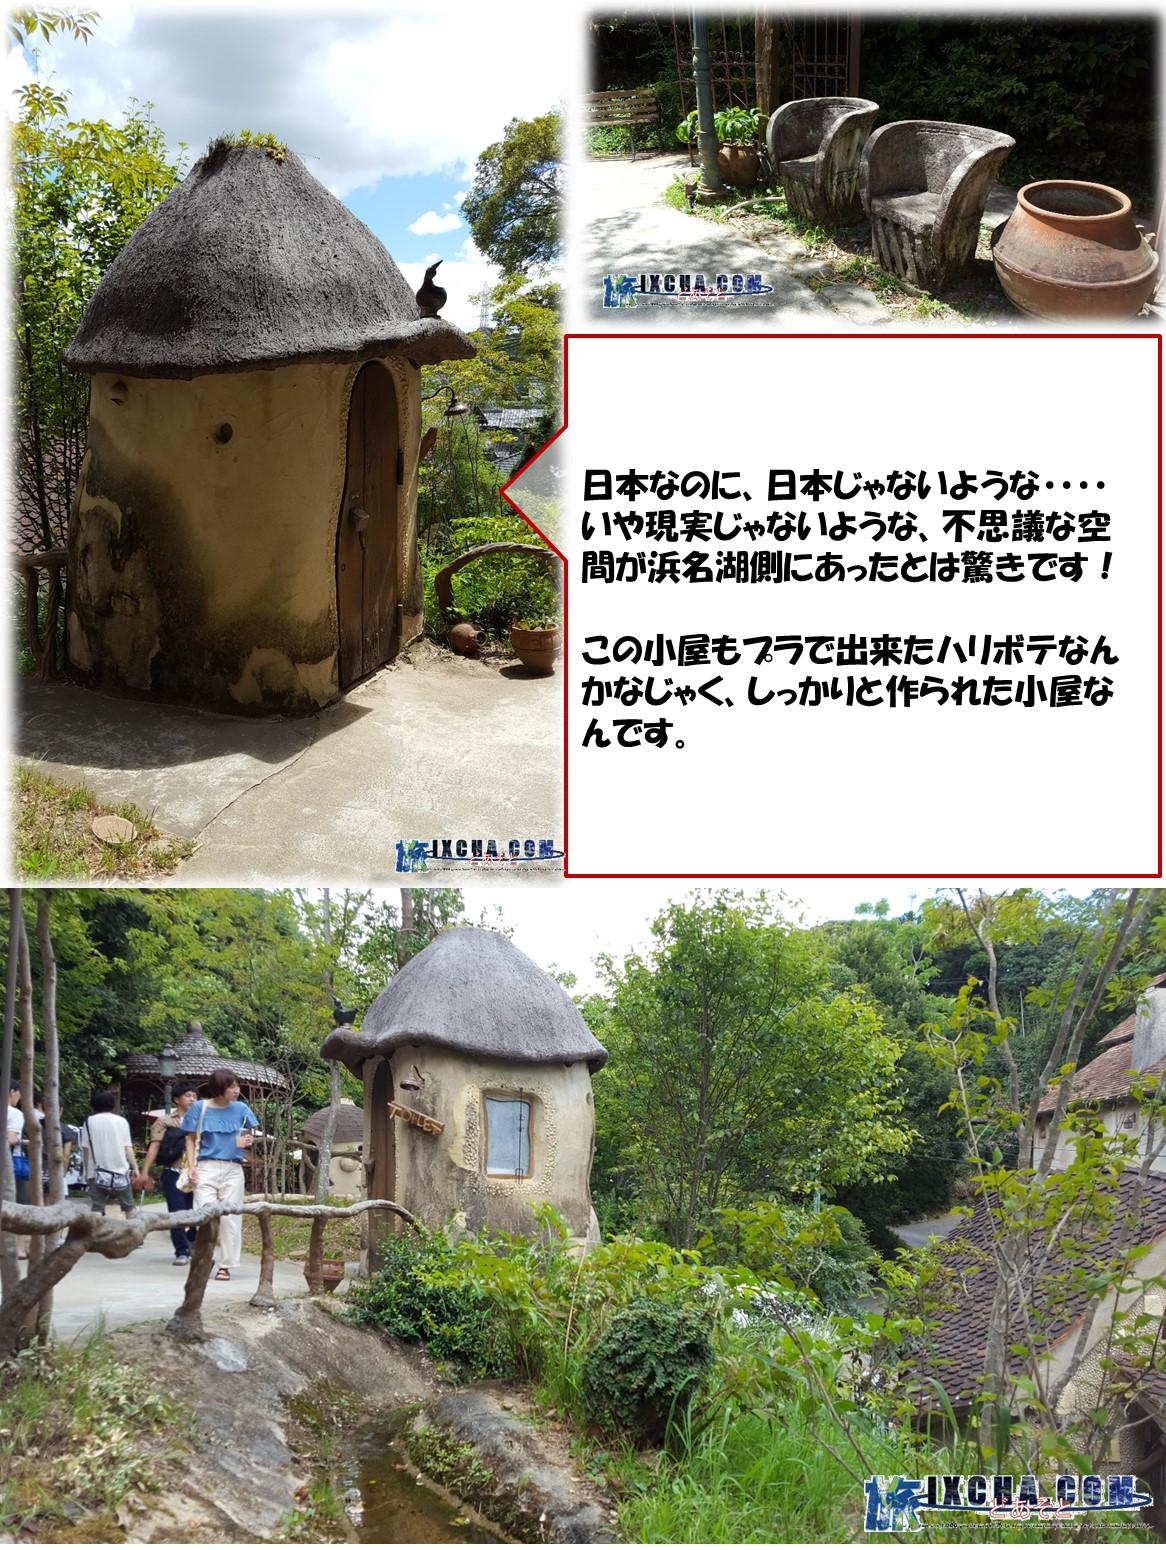 日本なのに、日本じゃないような・・・・いや現実じゃないような、不思議な空間が浜名湖側にあったとは驚きです!この小屋もプラで出来たハリボテなんかなじゃく、しっかりと作られた小屋なんです。